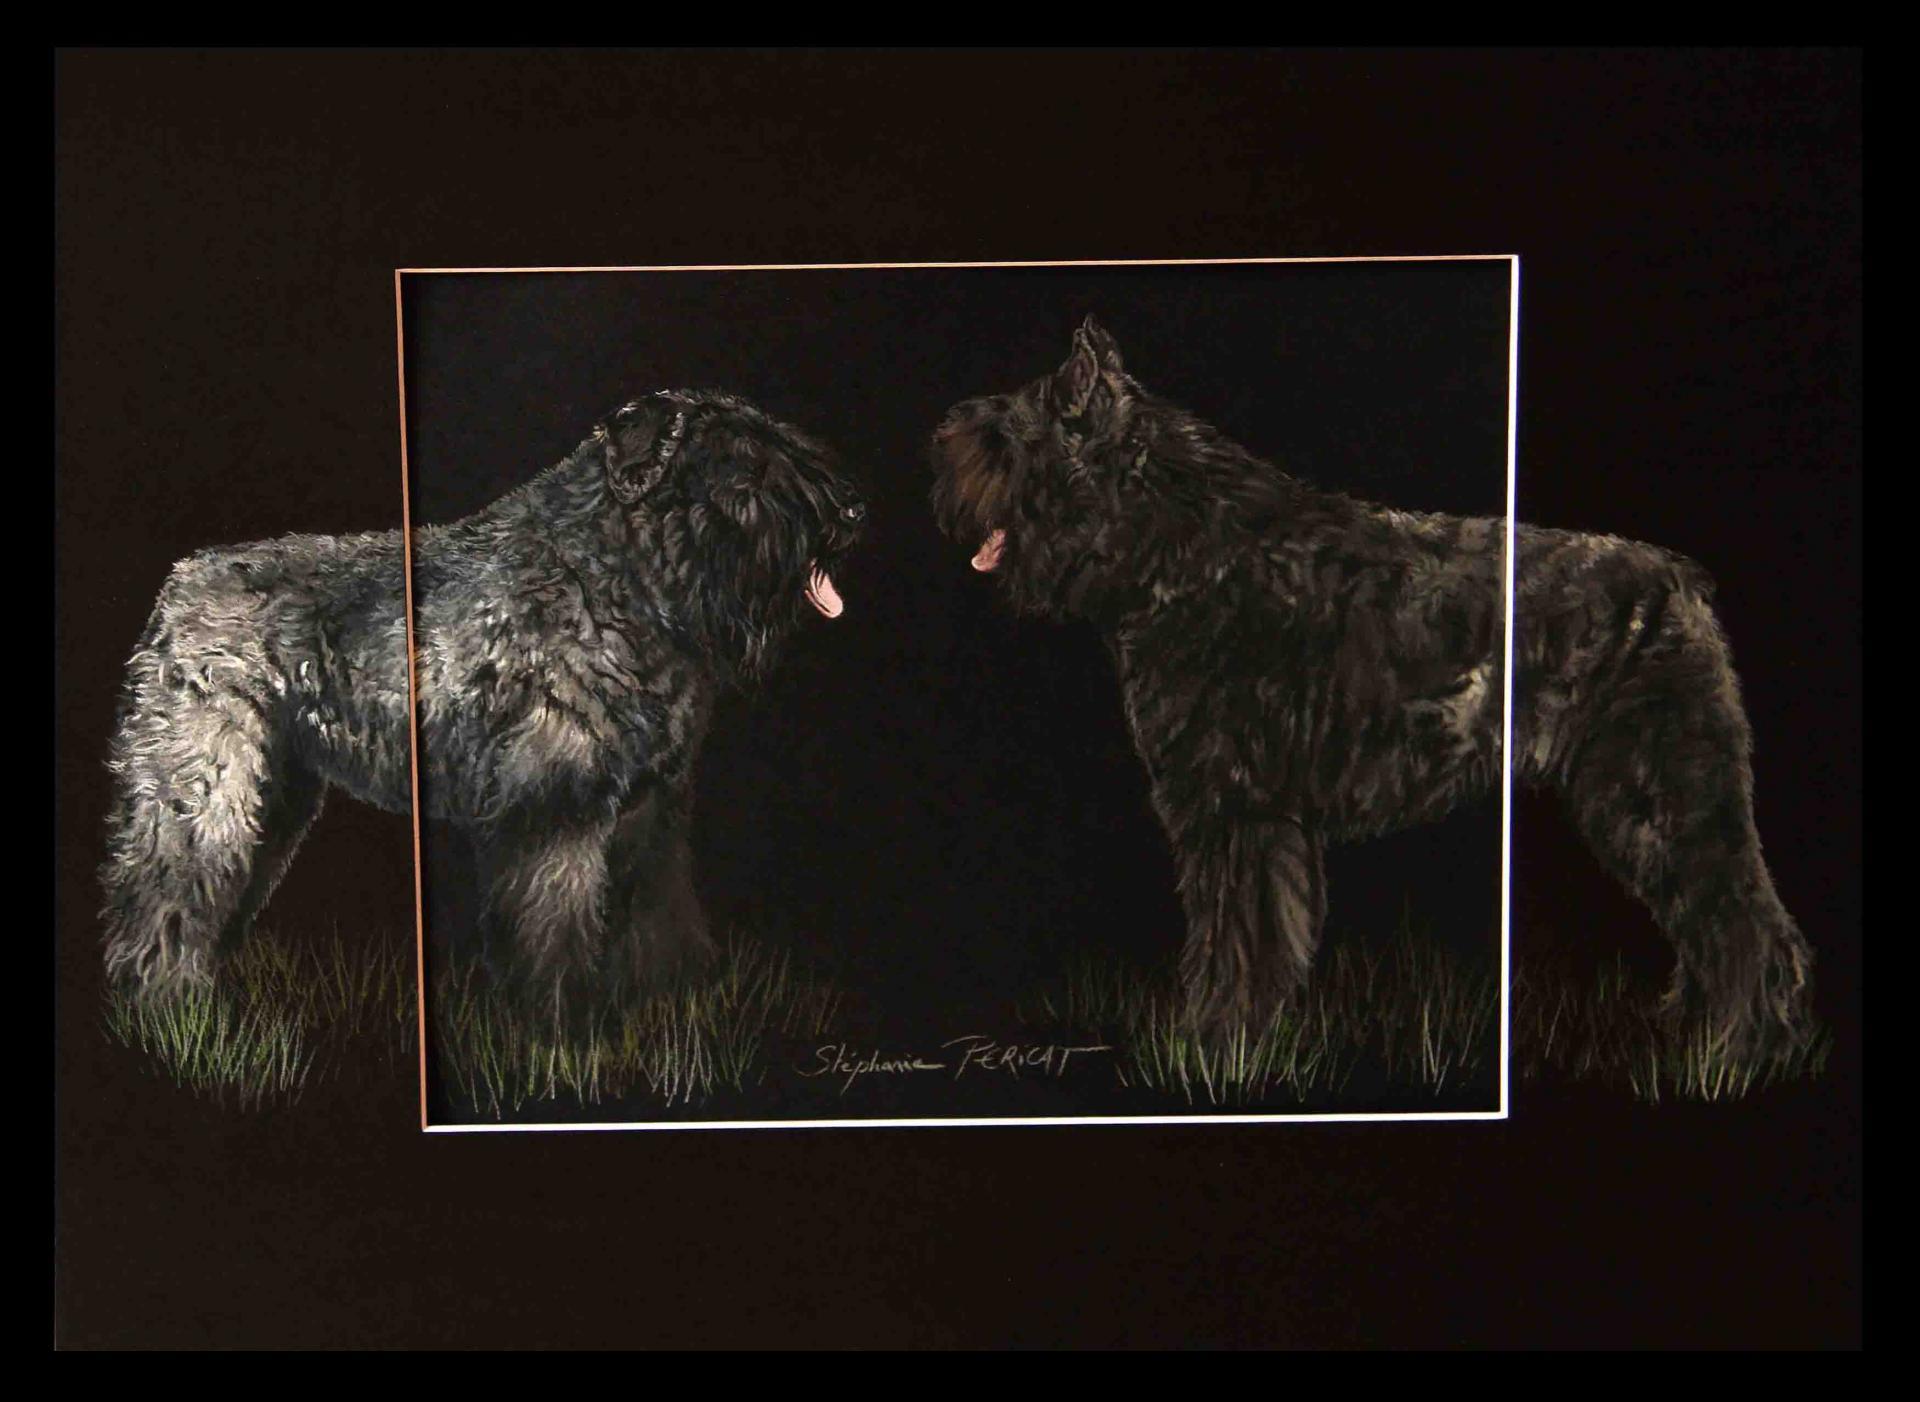 BOUVIERS DES FLANDRES, gabin et ugo - pastel sec (soft pastel) - 40x50cm